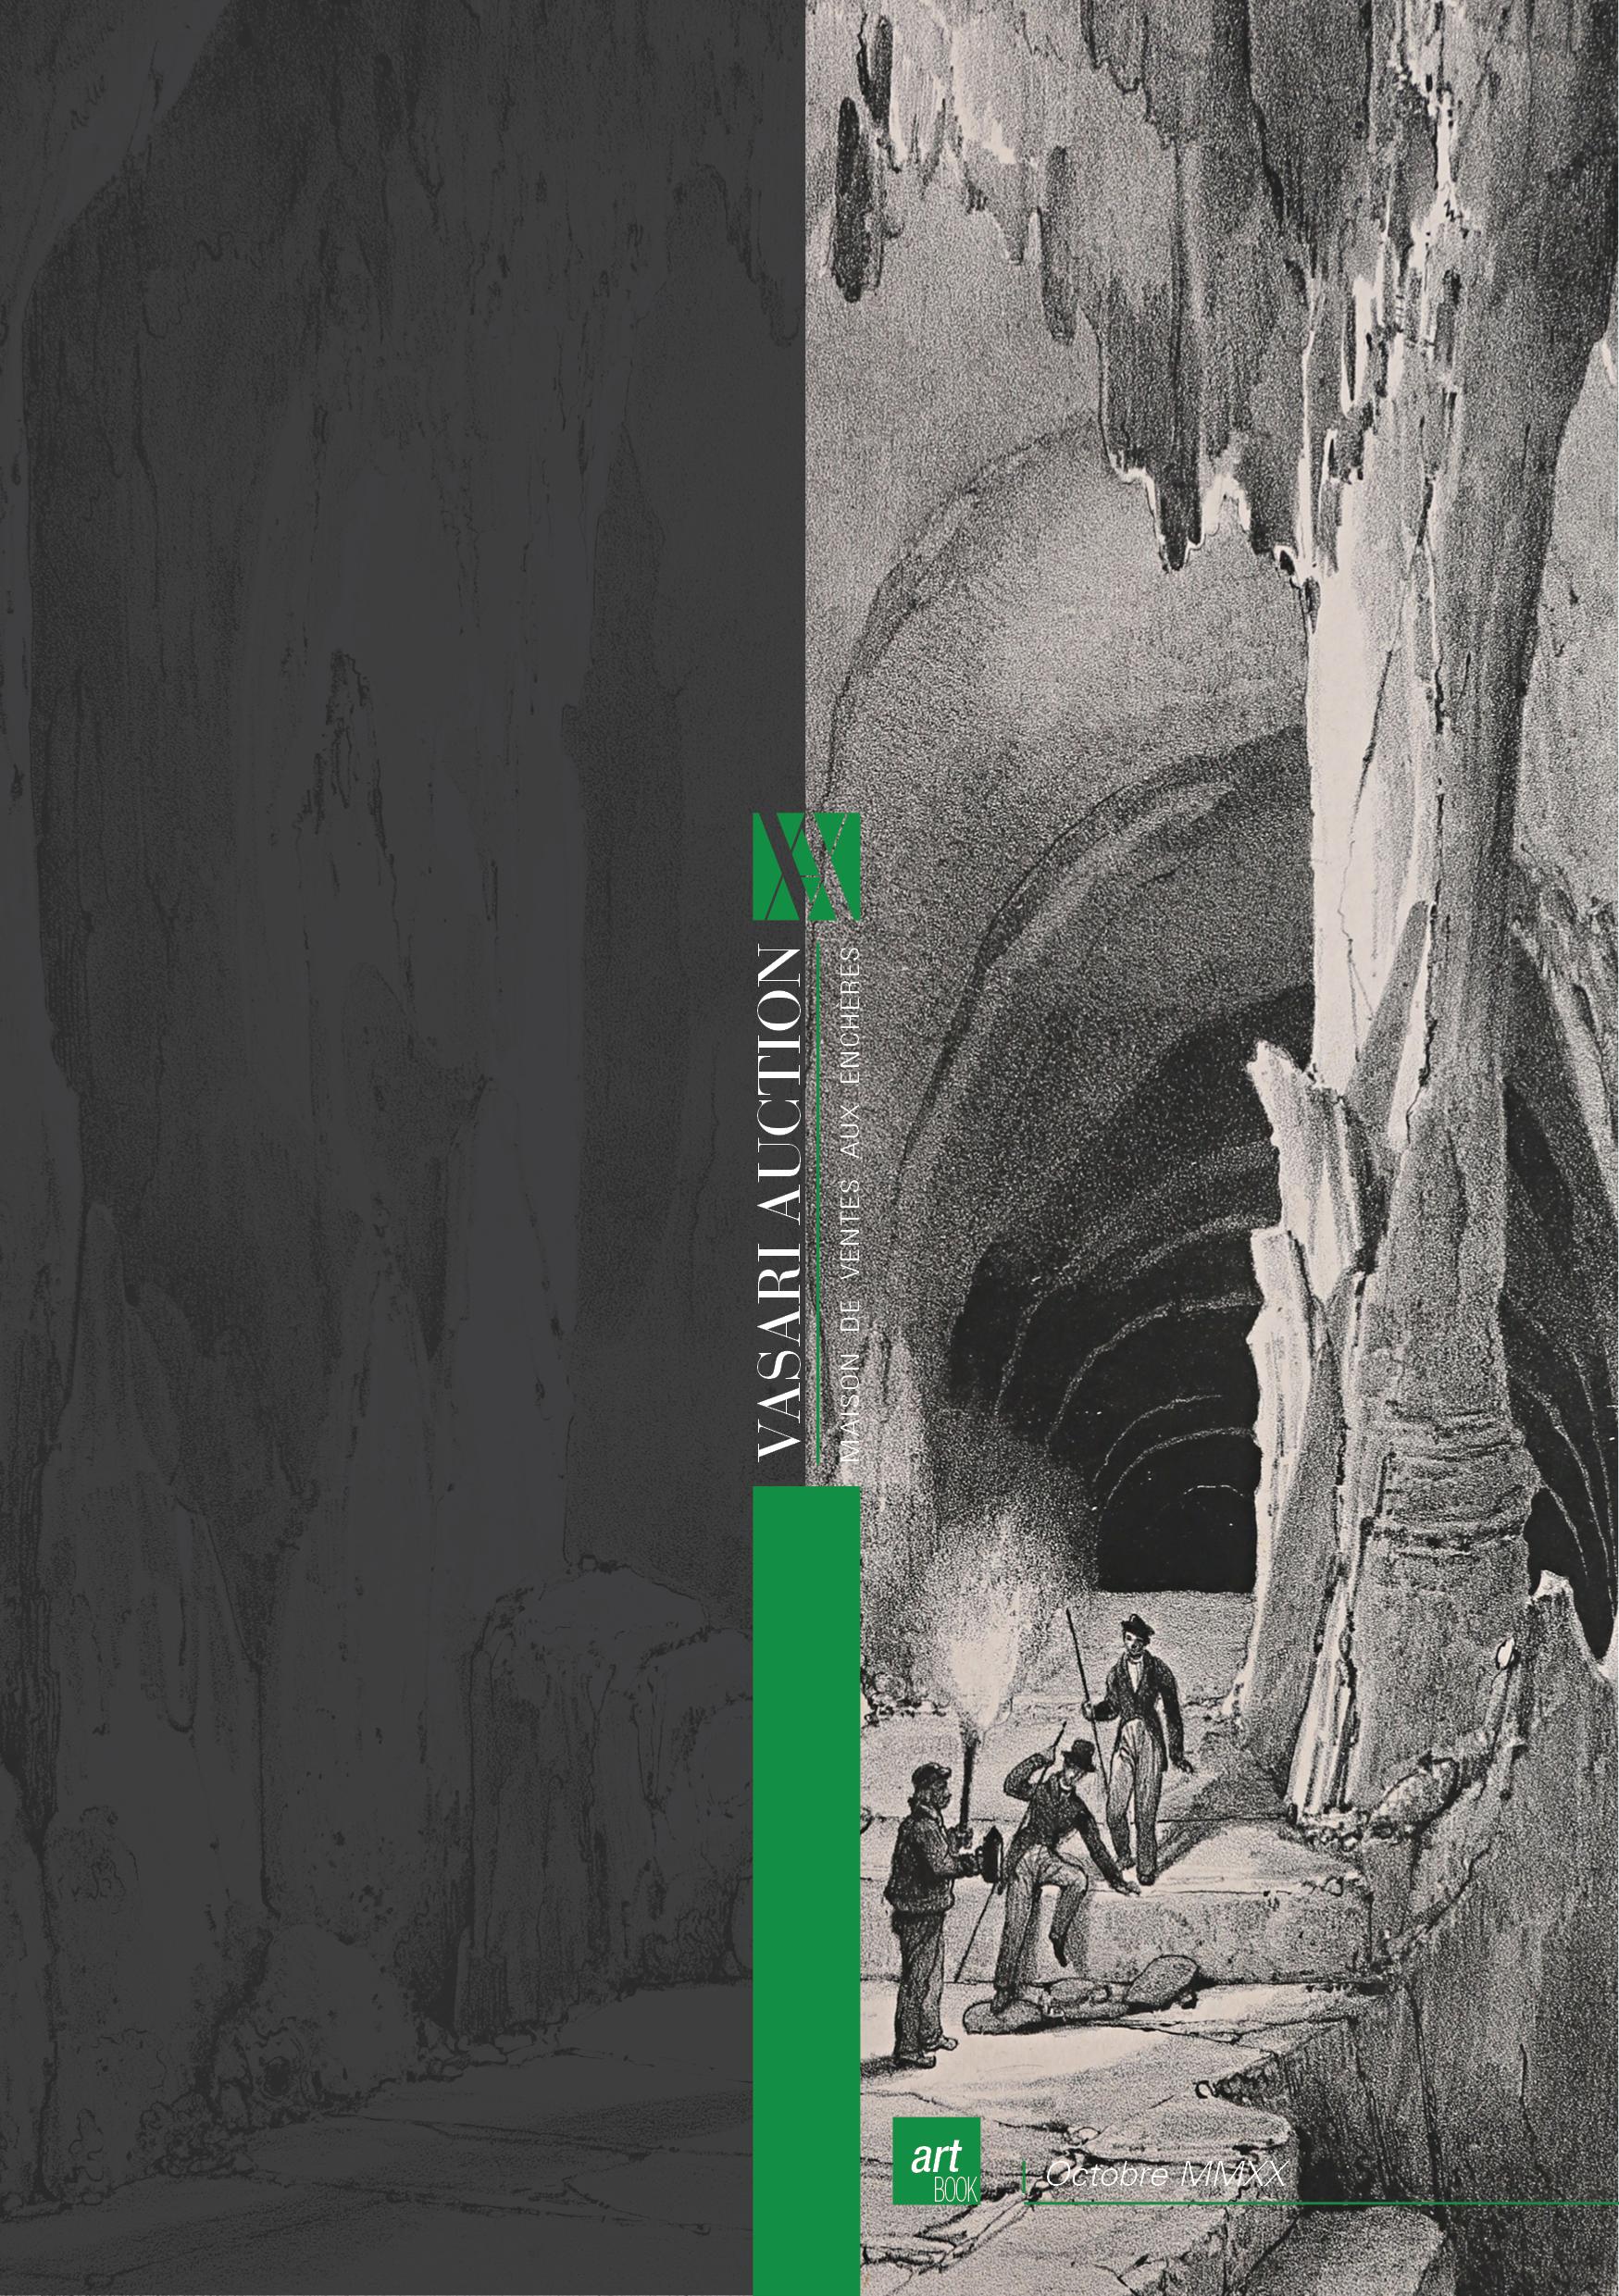 Vente Spéléologie & Montagne - Estampes et Littérature chez Vasari Auction : 269 lots